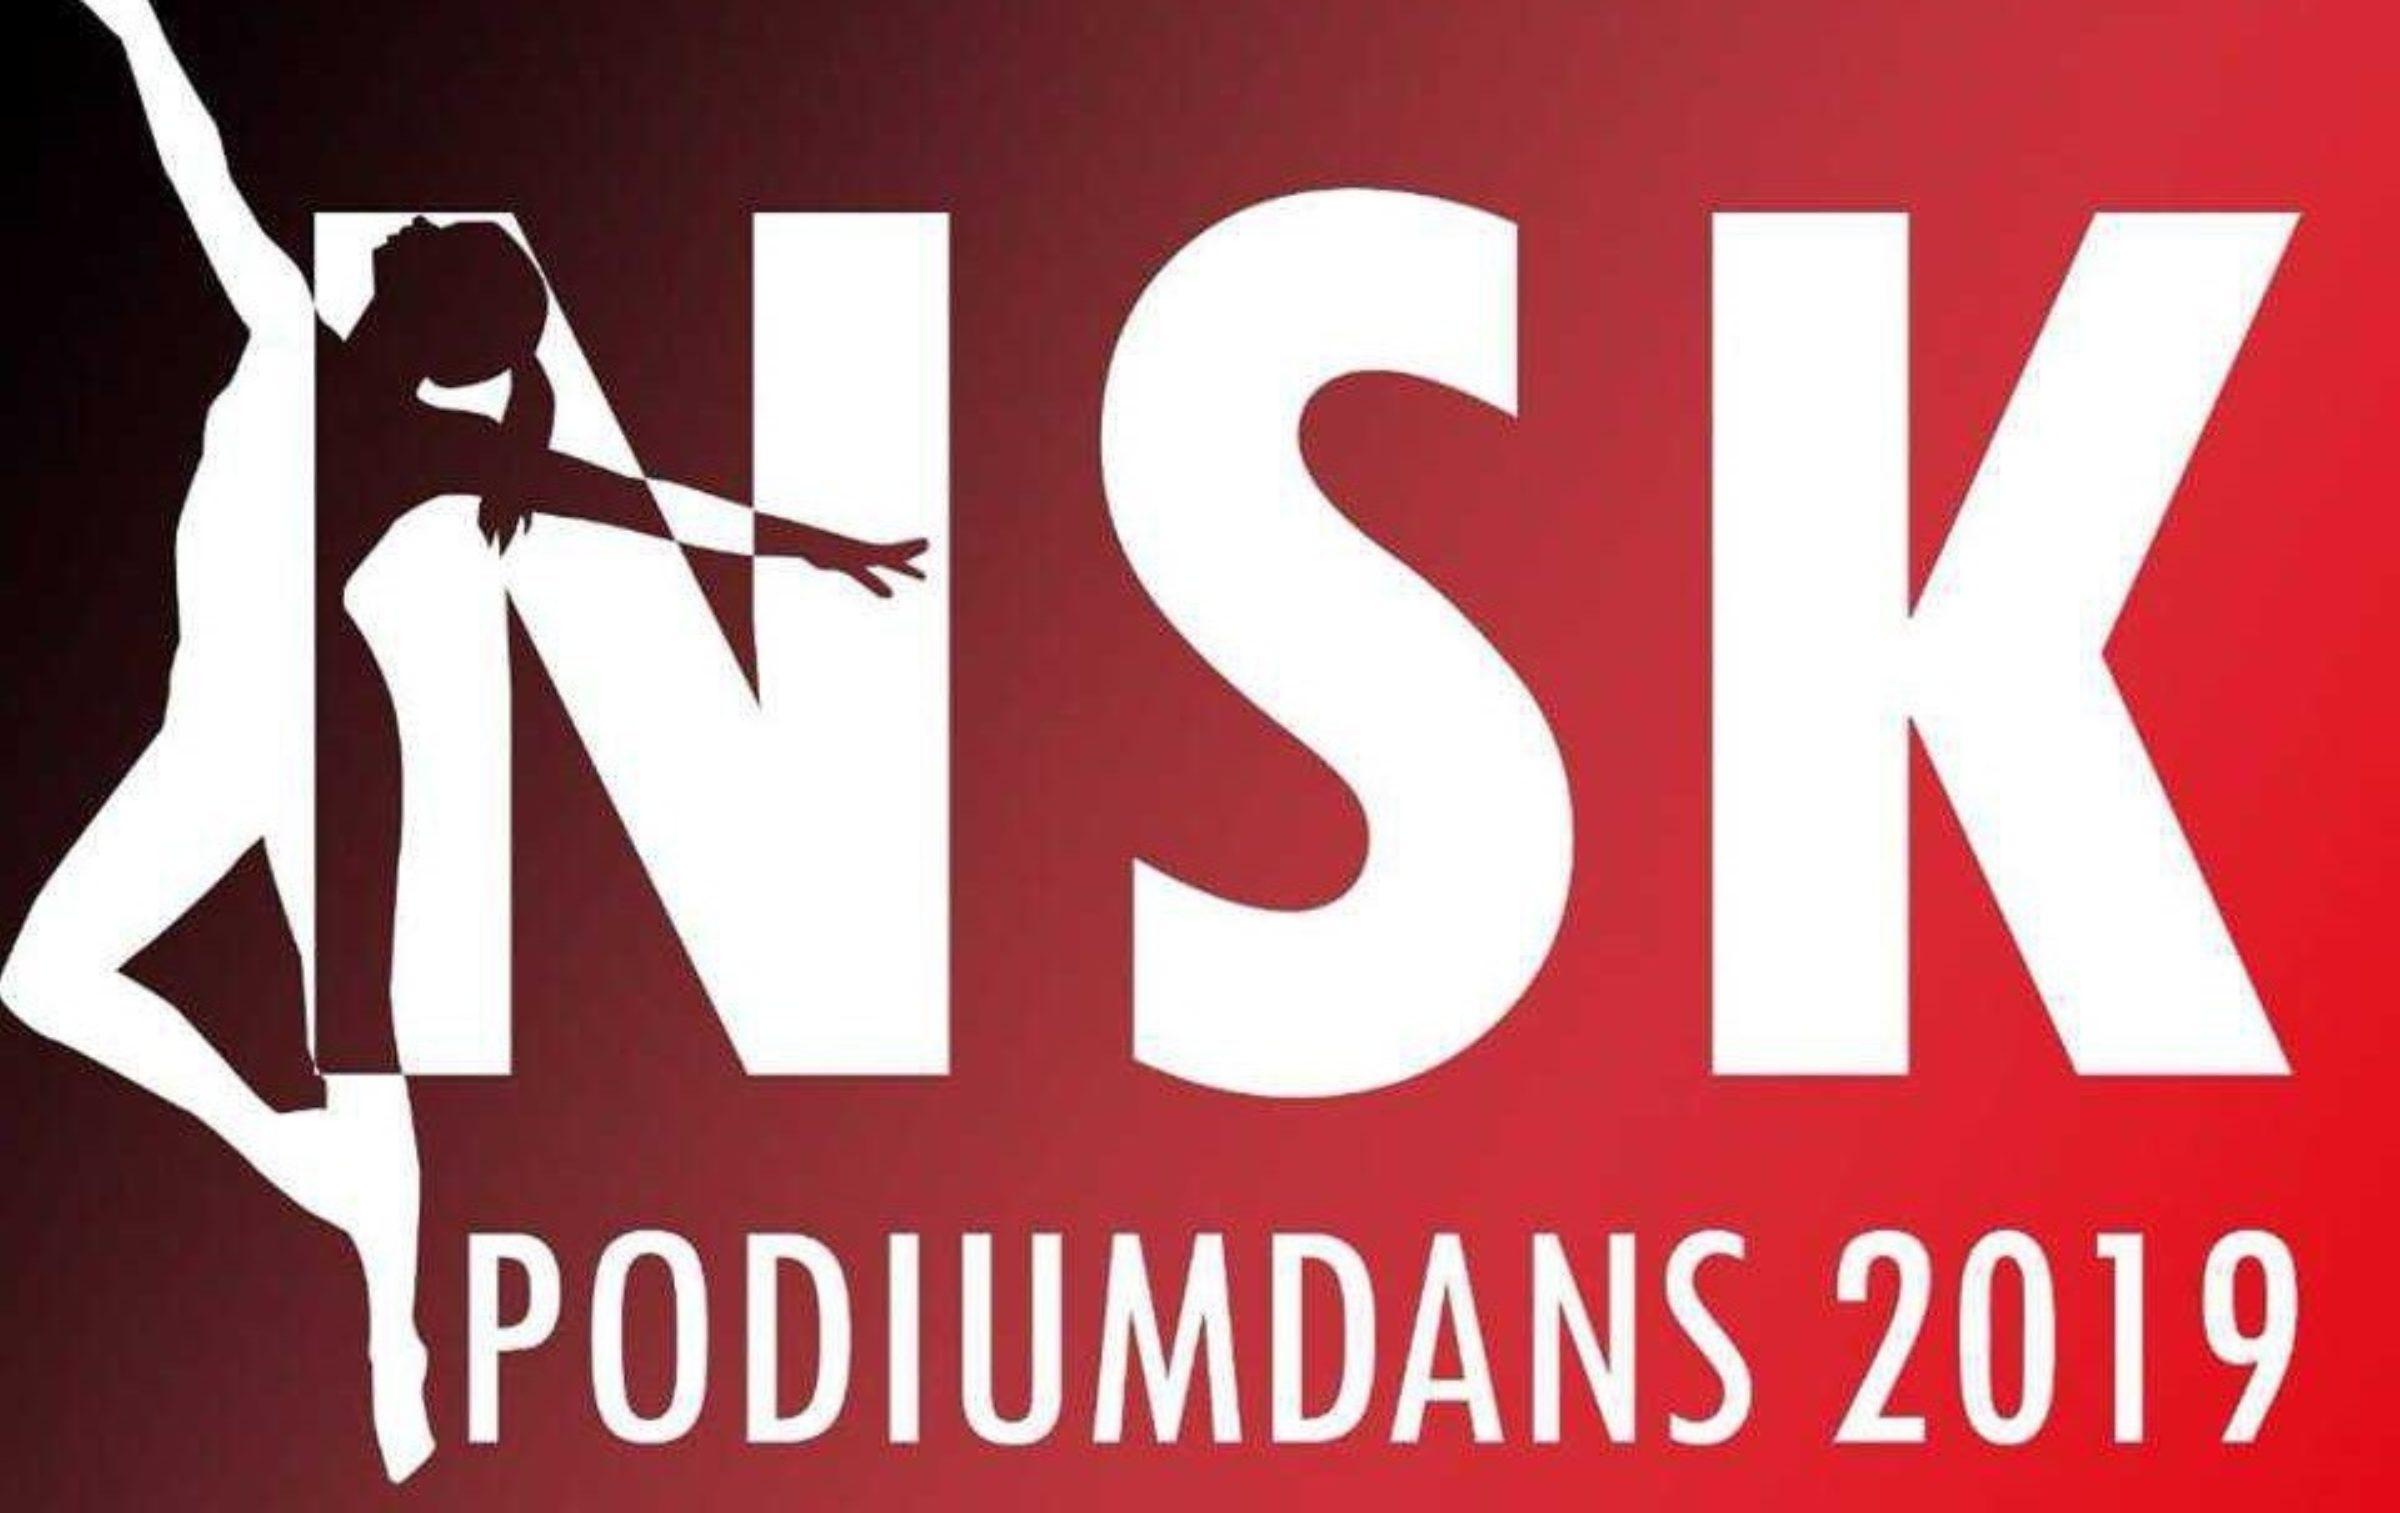 NSK 2470 1553157714 35hxei3z0s